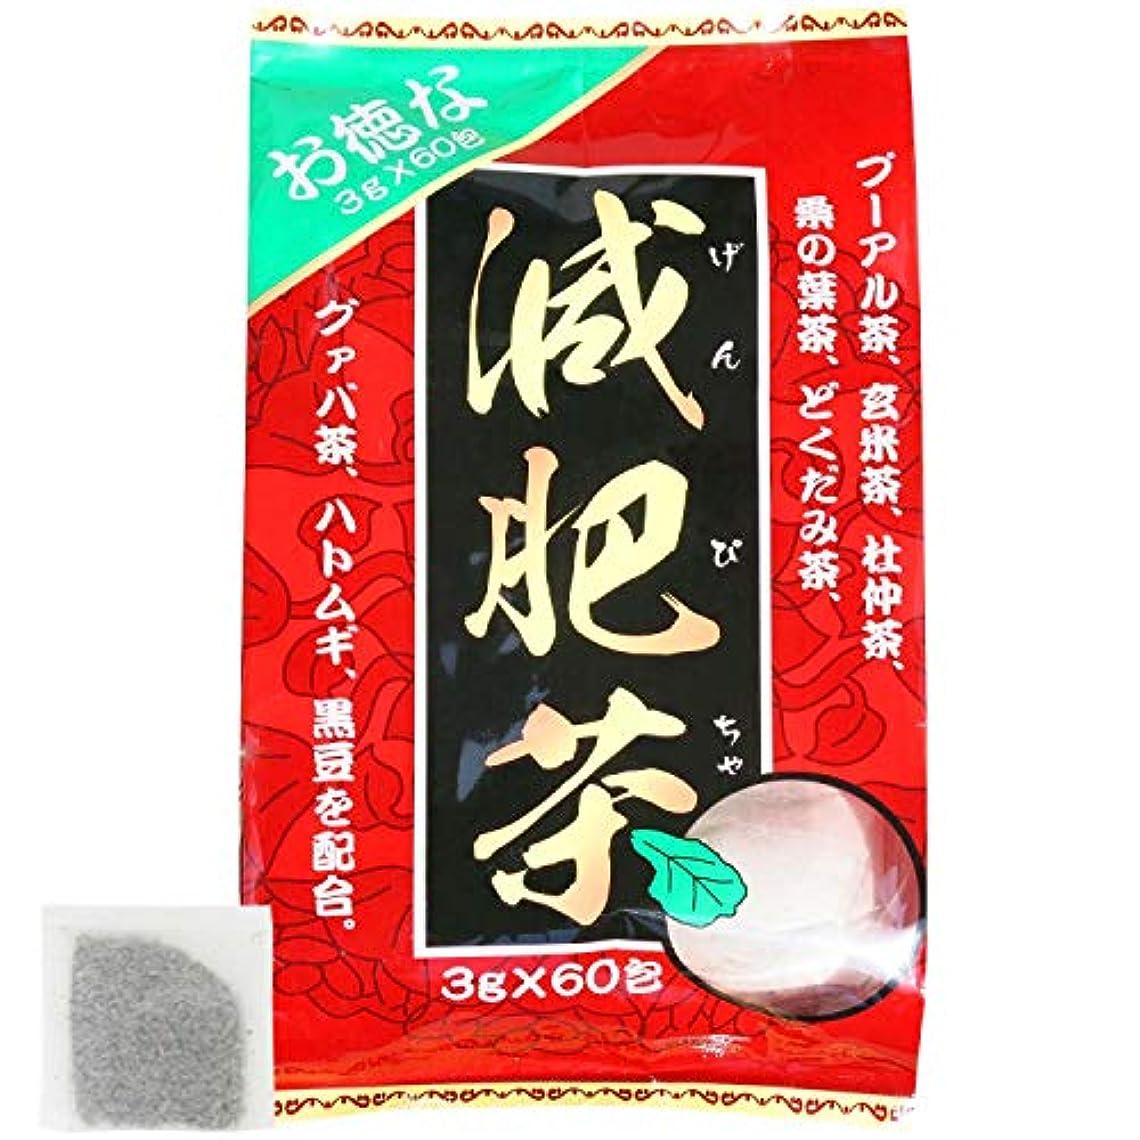 雄弁家市長偶然のユウキ製薬 お徳な減肥茶 30-60日分 3g×60包